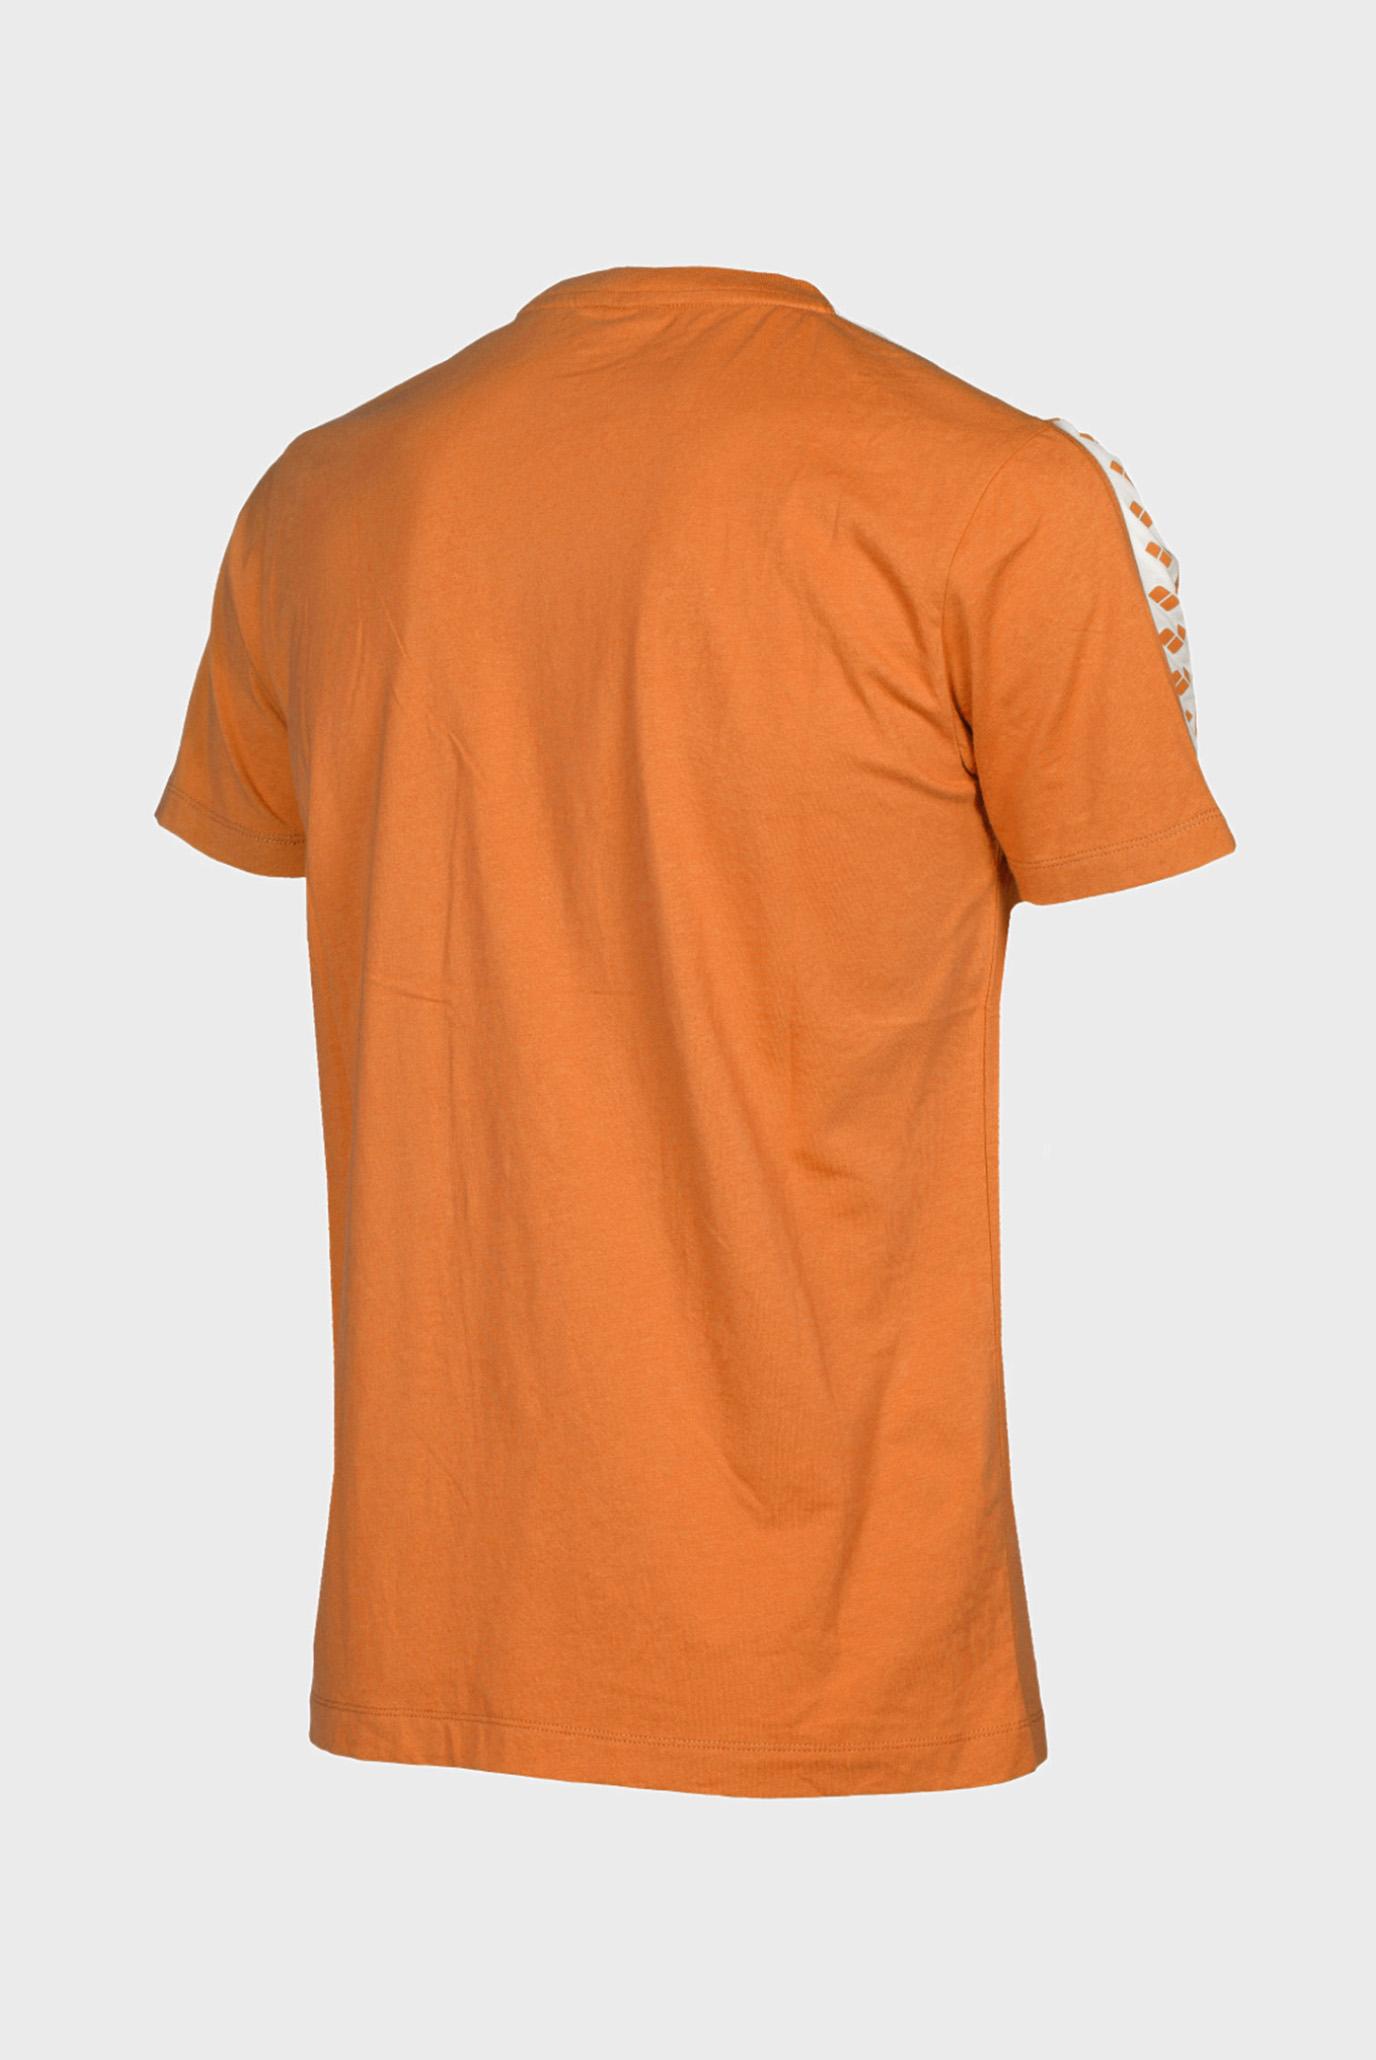 Купить Мужская оранжевая футболка TEAM Arena Arena 001231-341 – Киев, Украина. Цены в интернет магазине MD Fashion